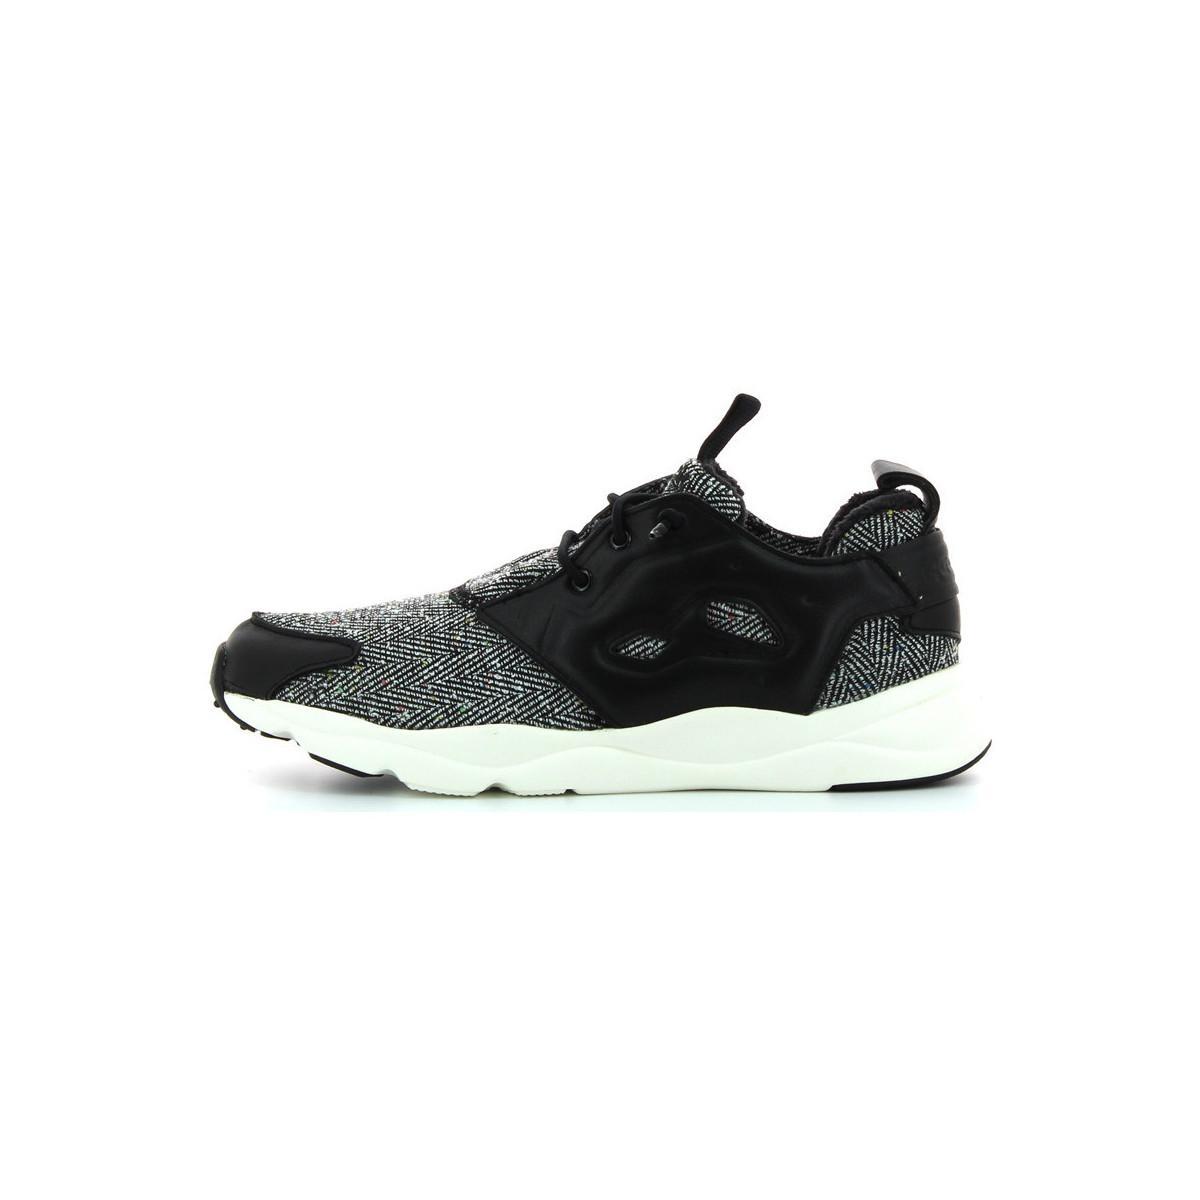 Furylite Chaussures Reebok en coloris Noir